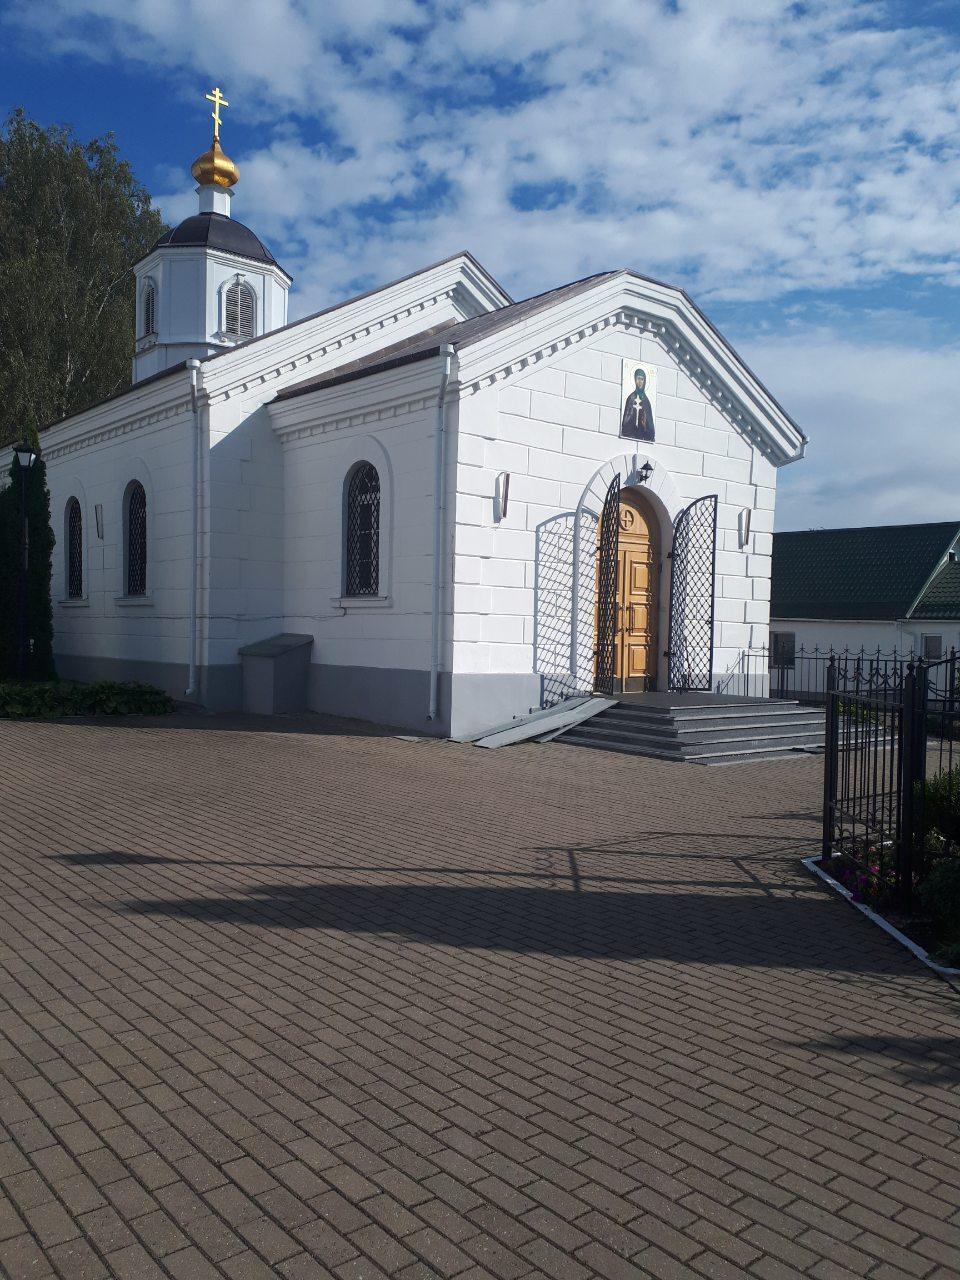 image 0 02 04 fa230190923b32f3ae44e9088743e9199a1211df48811a95bcaccf681eec9f1a V - Спасо-Евфросиниевский монастырь в Полоцке